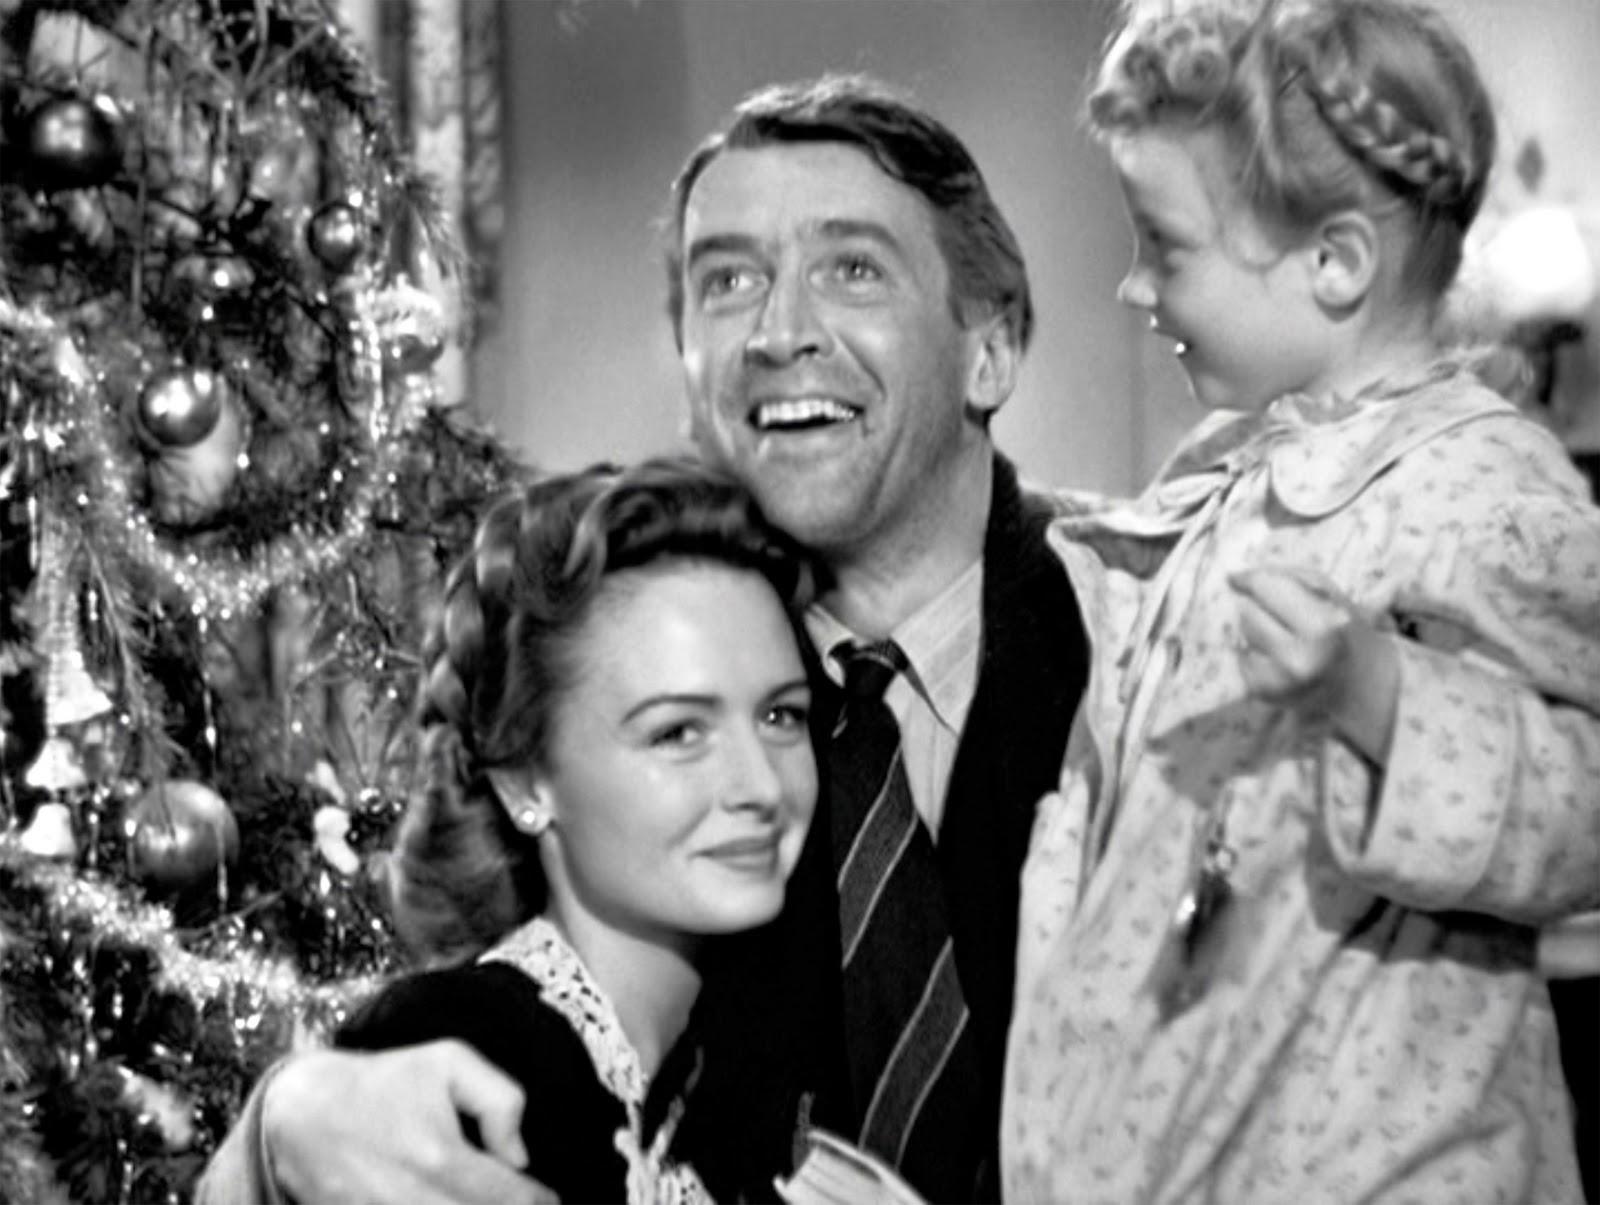 Foto Di Natale Anni 60.I 5 Migliori Film Di Natale Di Sempre Pills Of Movies